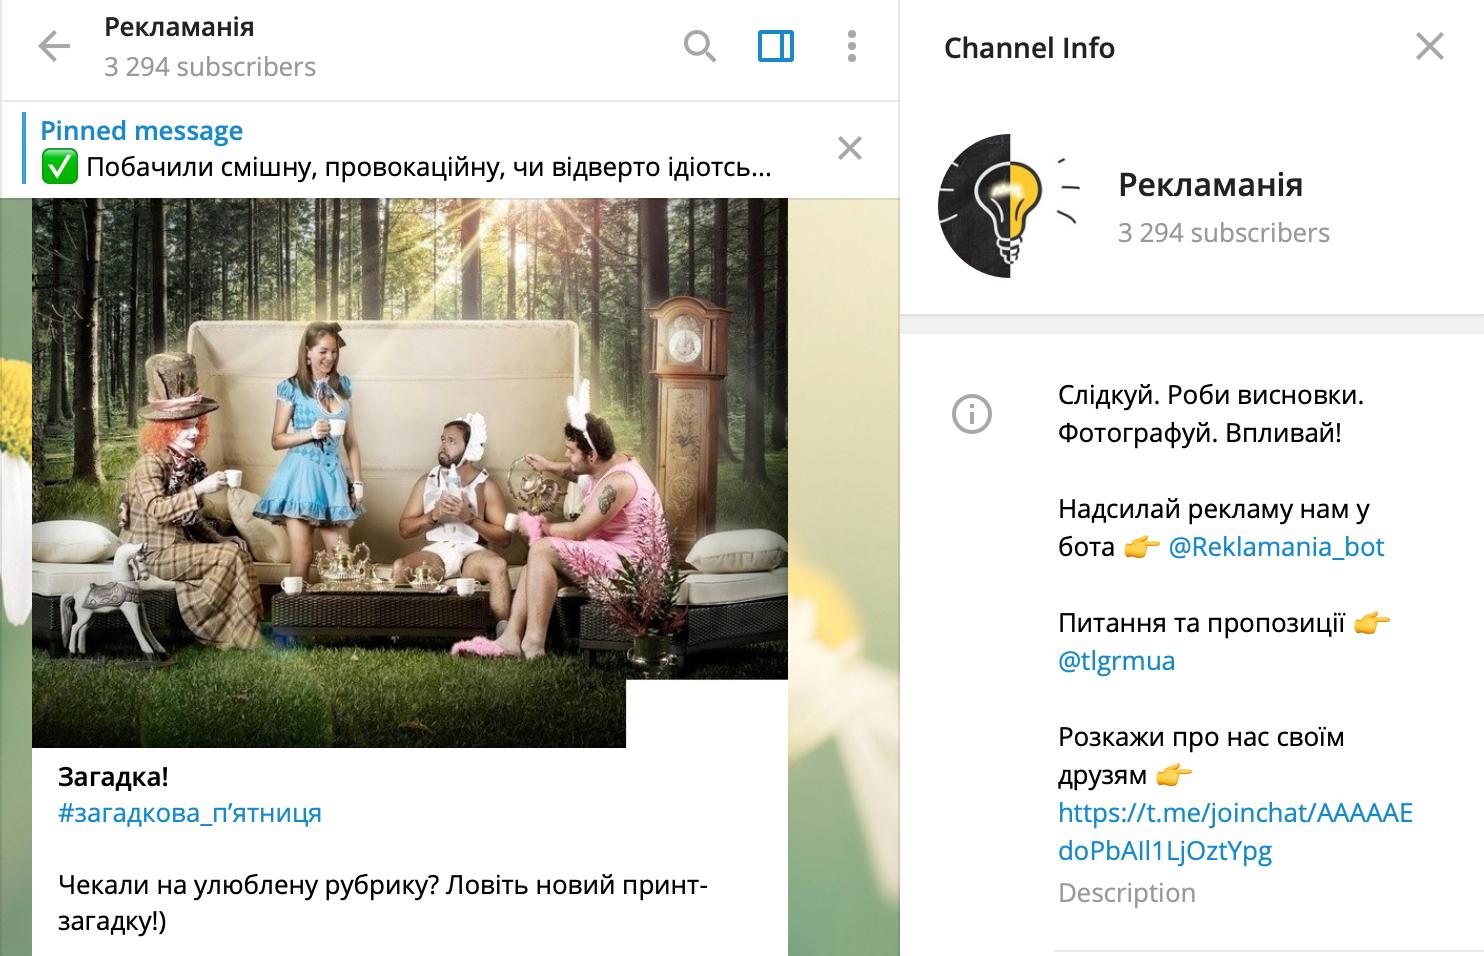 Телеграм-канал Рекламанія